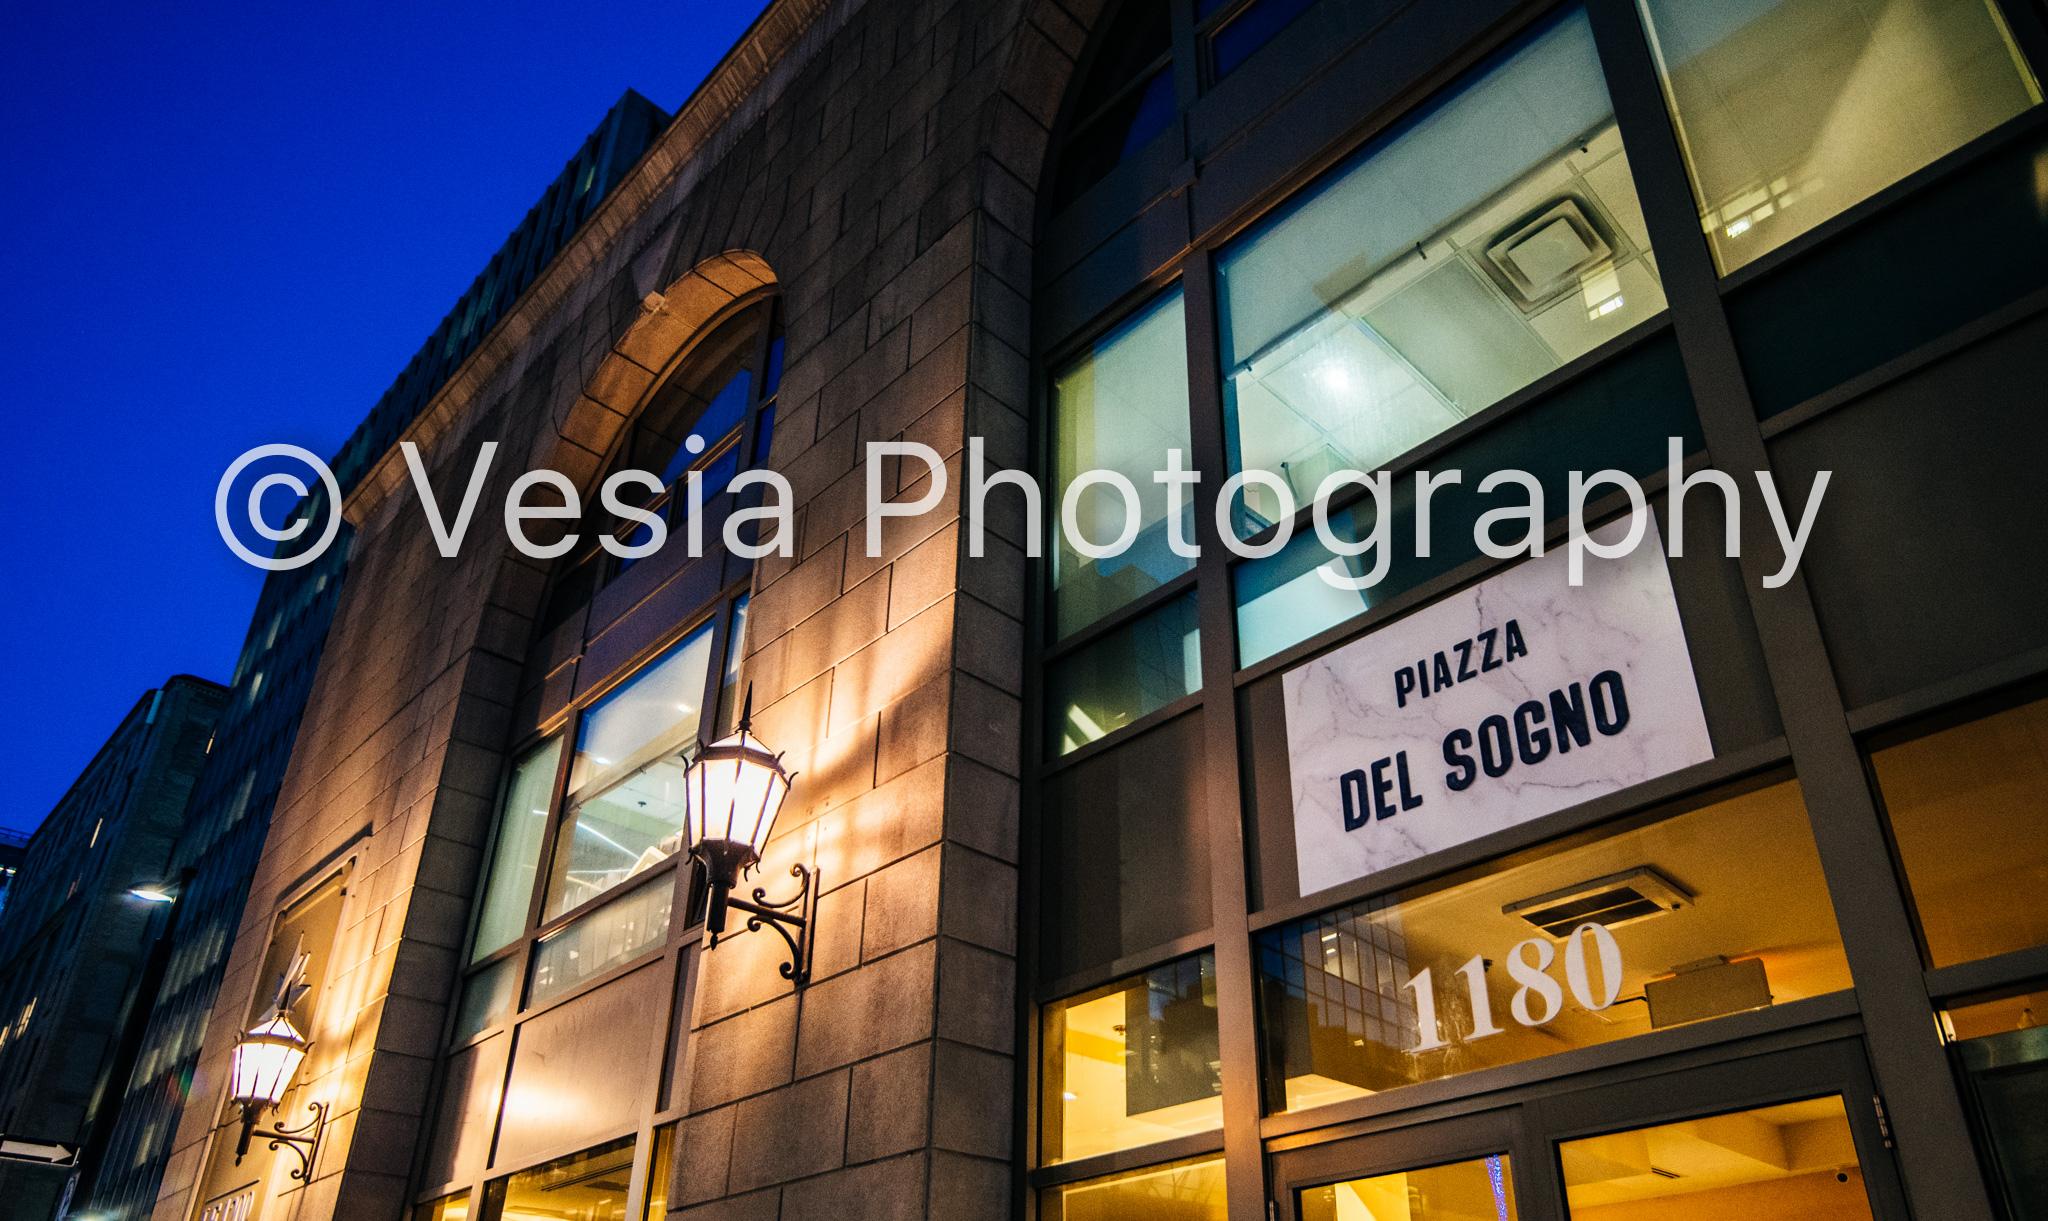 Piazza del Sogno_Proofs-59.jpg